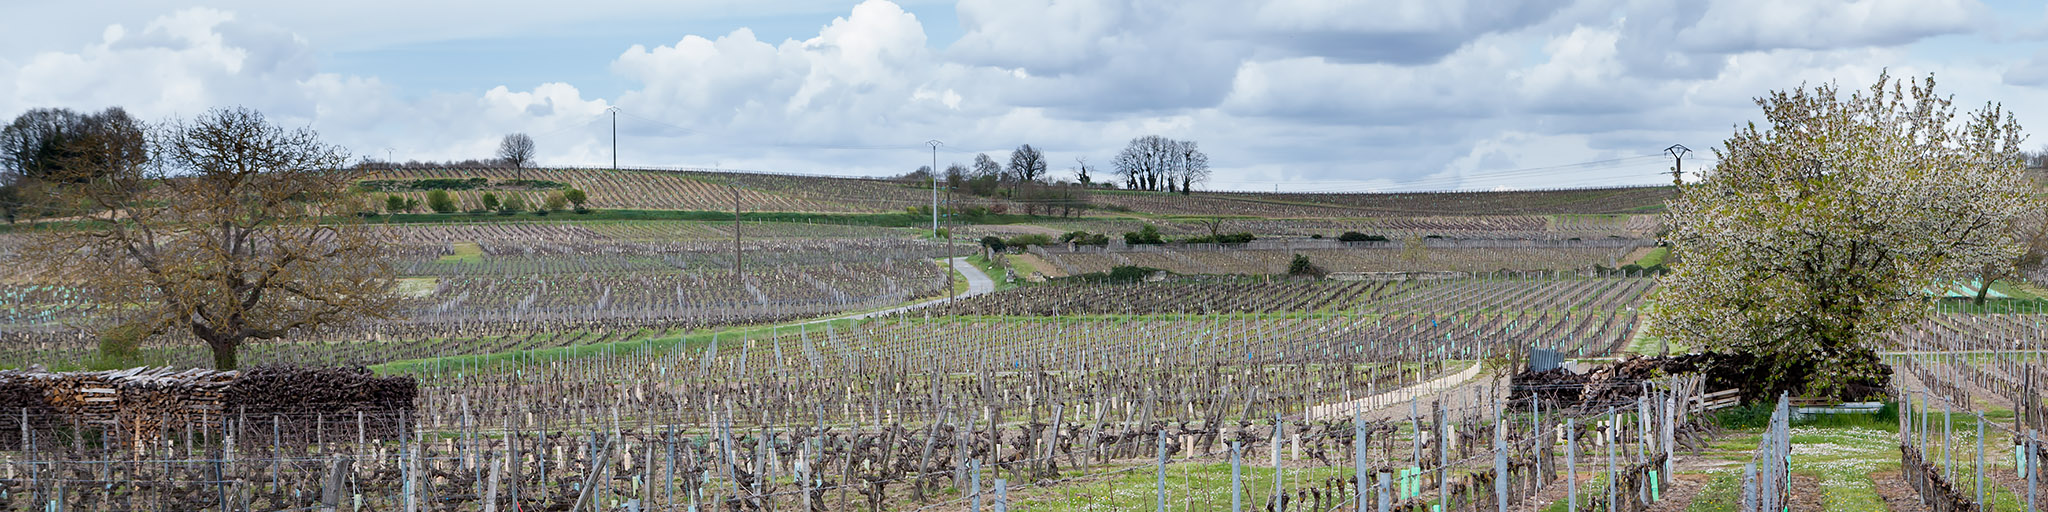 Saumur, Saumur Champigny, Cabernet Franc, Saumur Brut, domaine des Sanzay